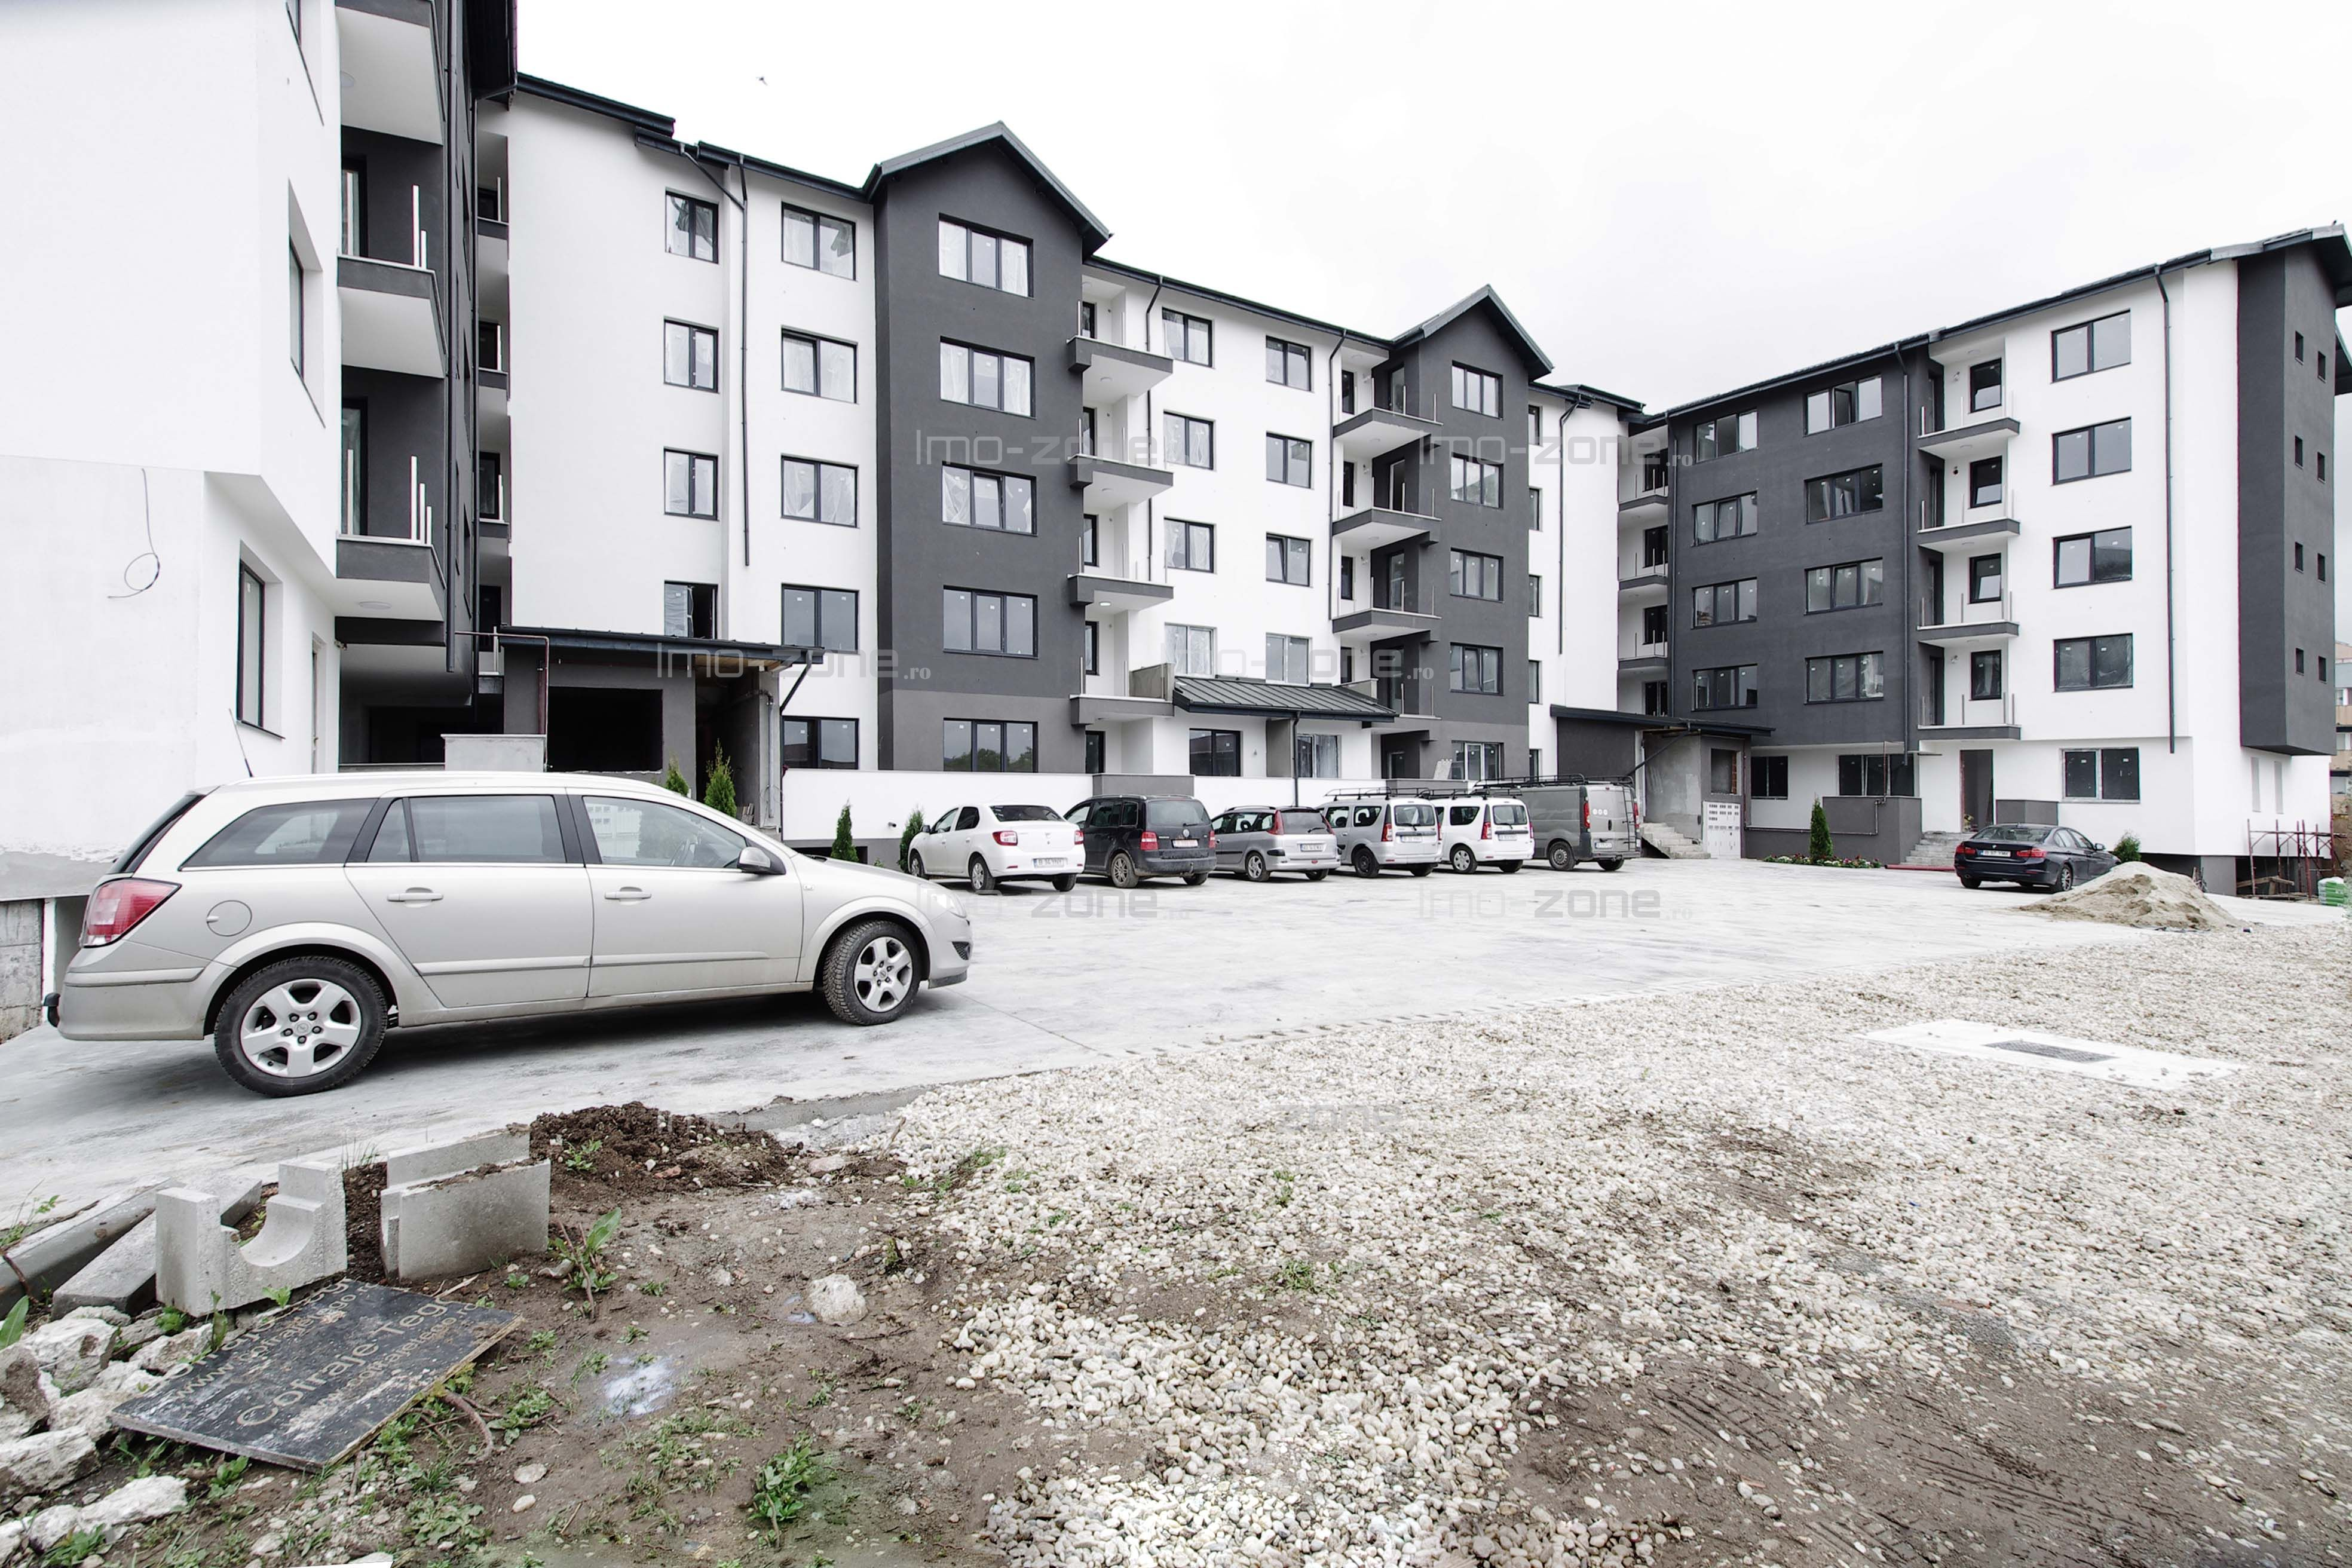 Drumul Taberei 3 camere, dec, 90 mp + terasa 125mp, etaj 4/4+pod, lift